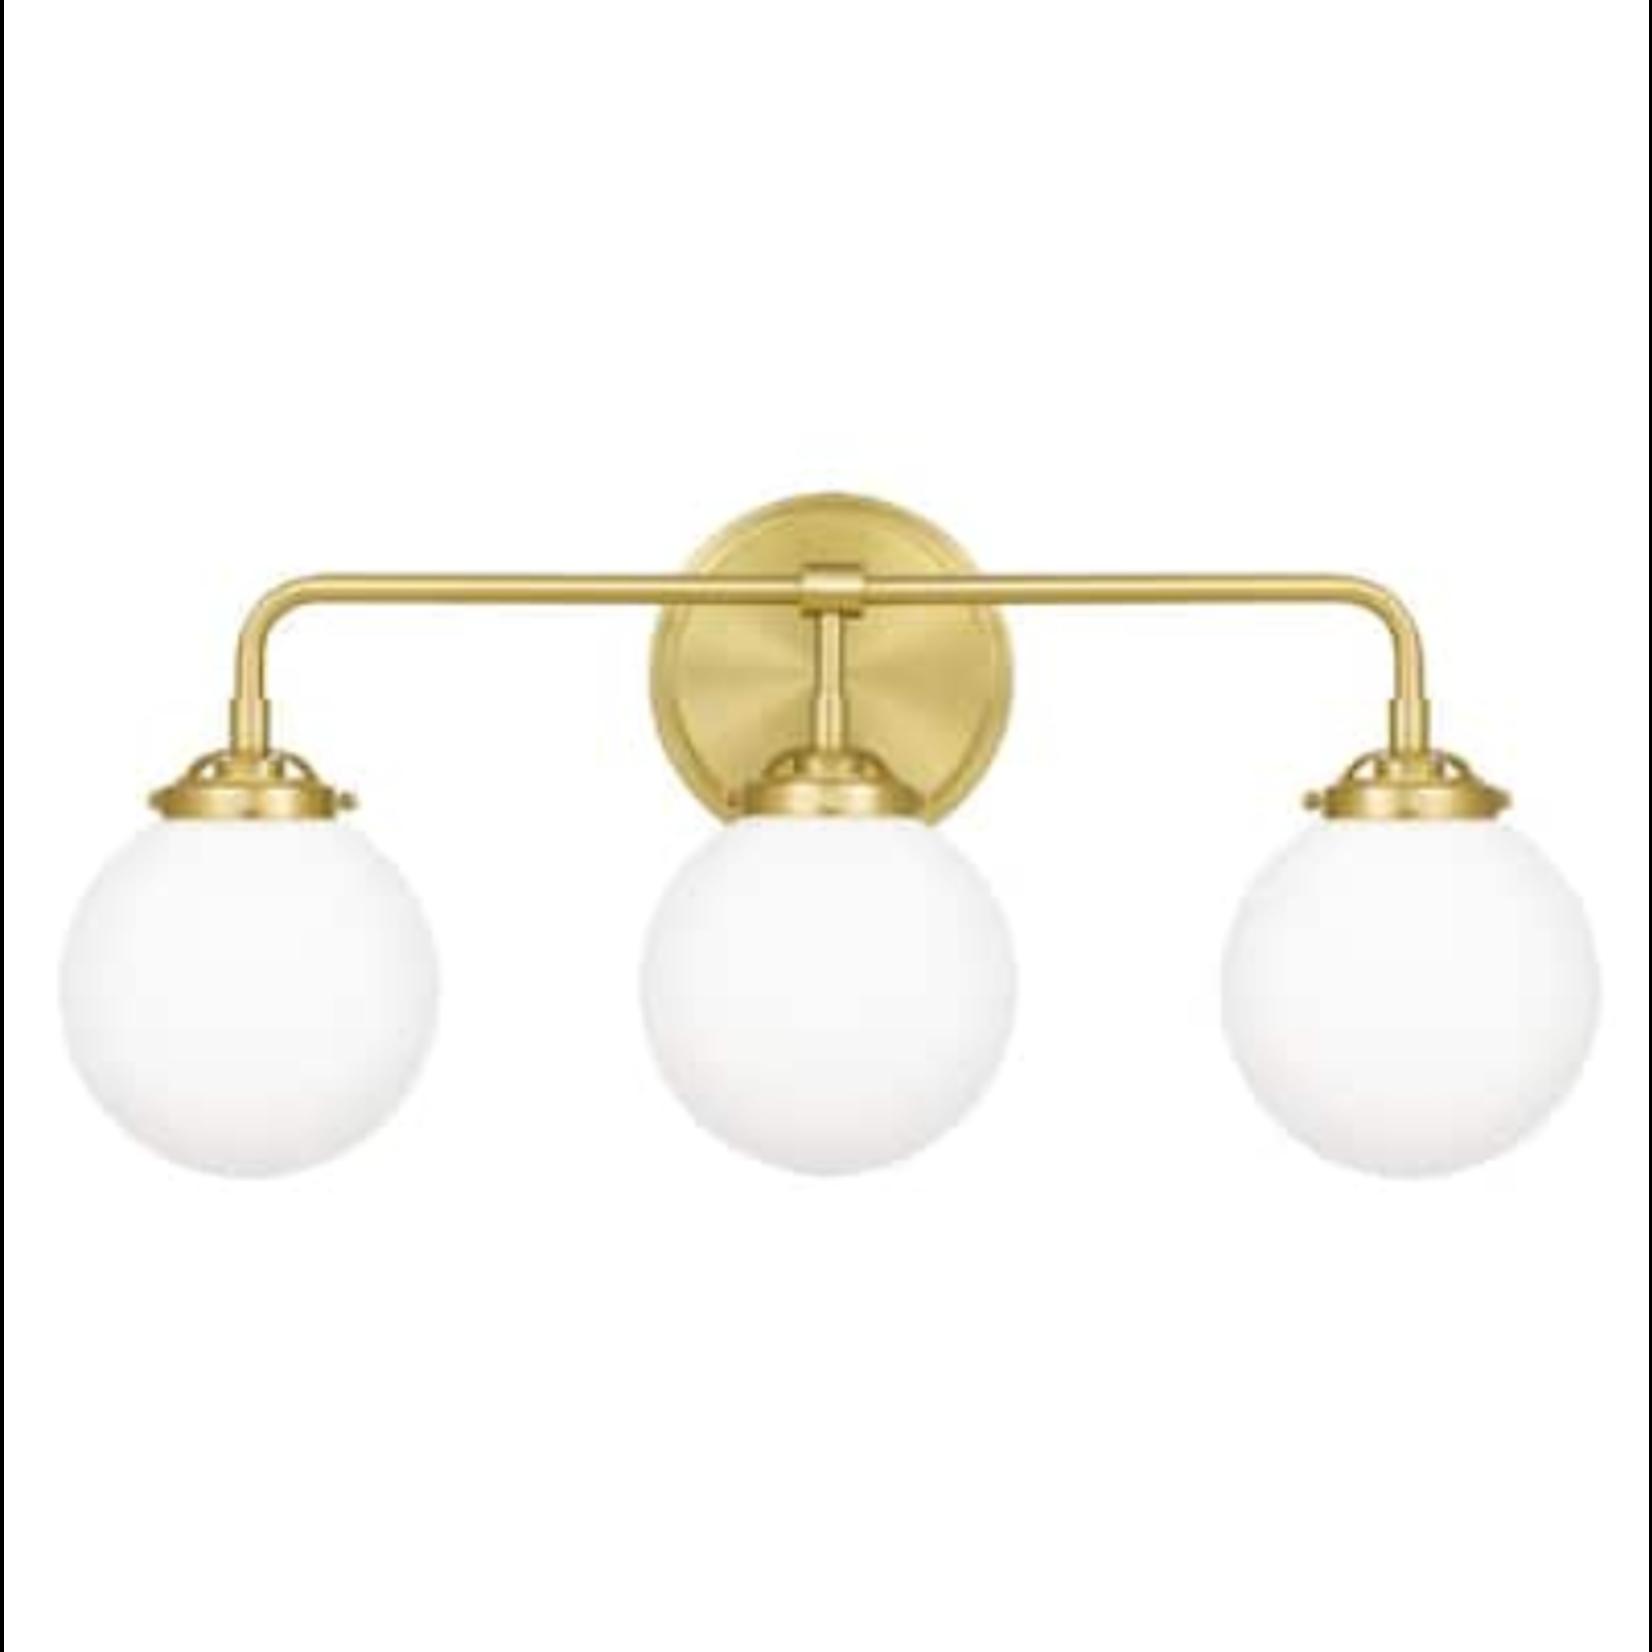 10440 Quoizel Landry 3-Light Vanity Light